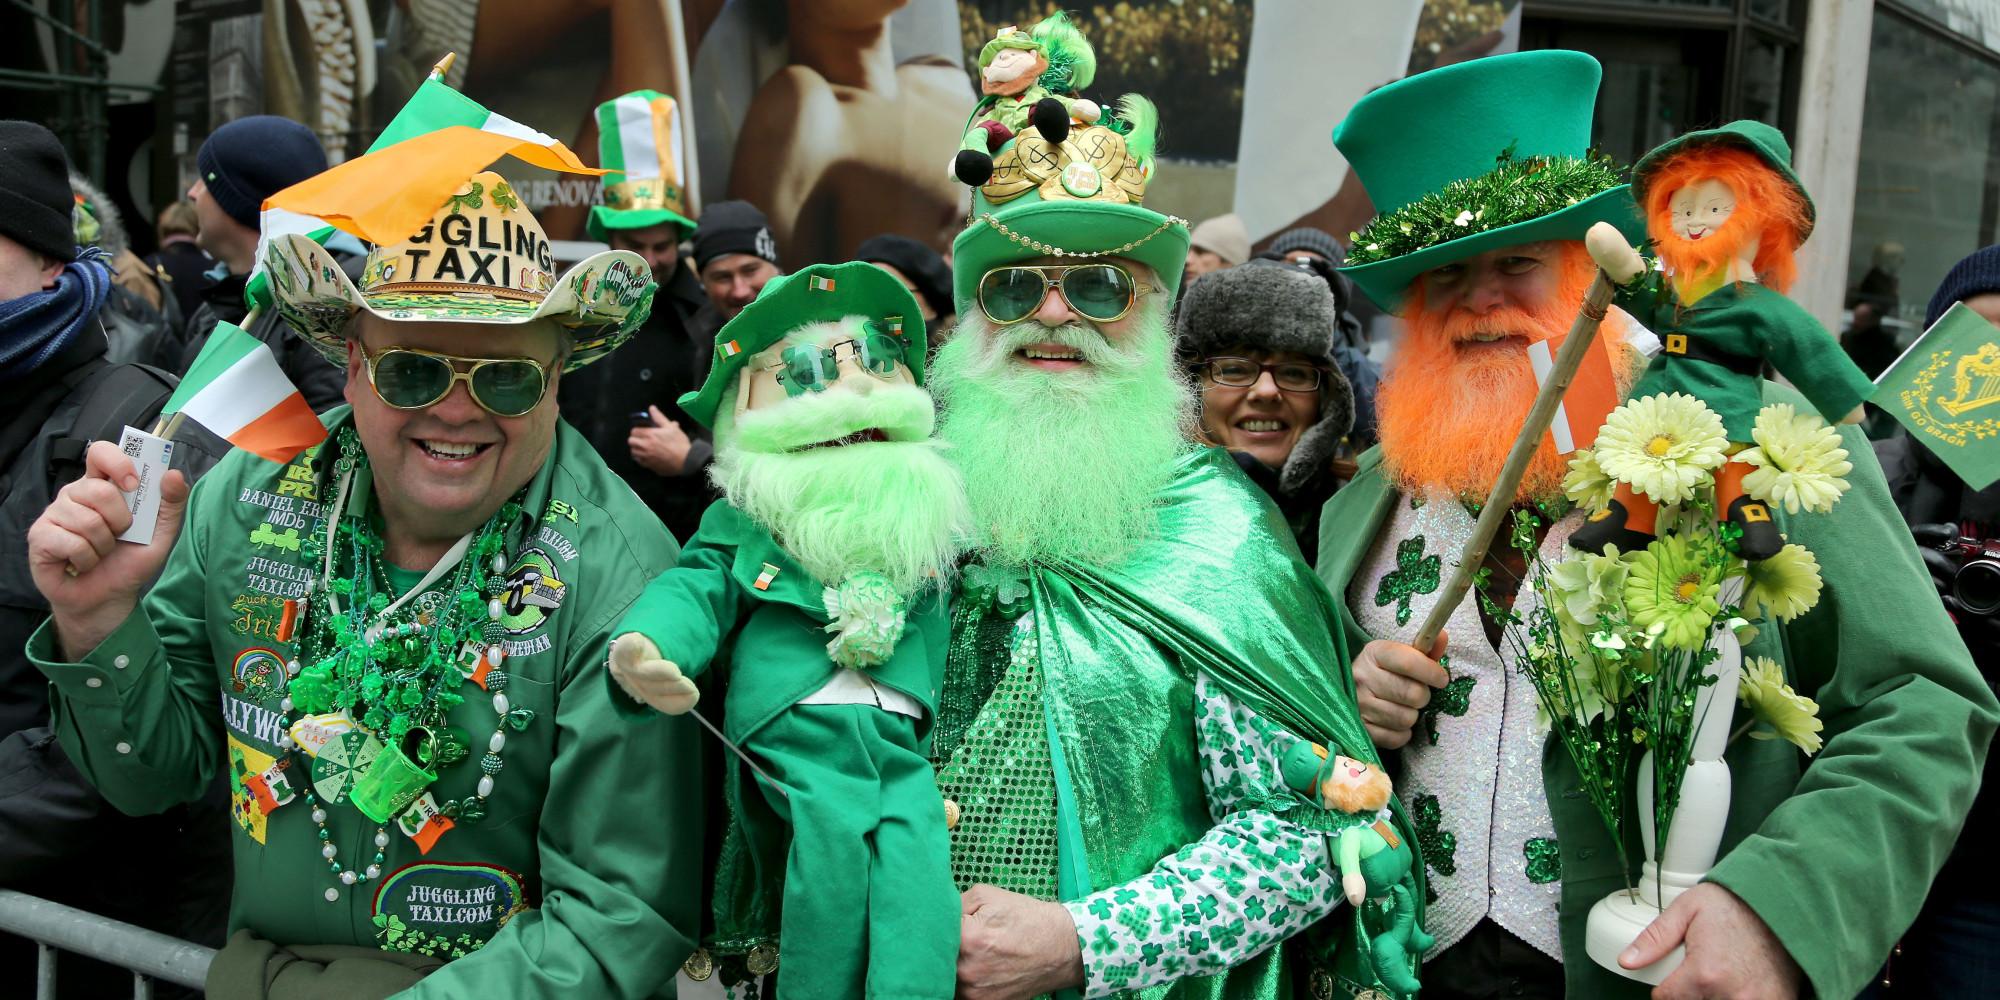 Milano si tinge di verde!! La festa di San Patrizio torna a Milano. St. Patrick sta tornando a Milano! Sei pronto per festeggiare in pieno spirito irlandese?